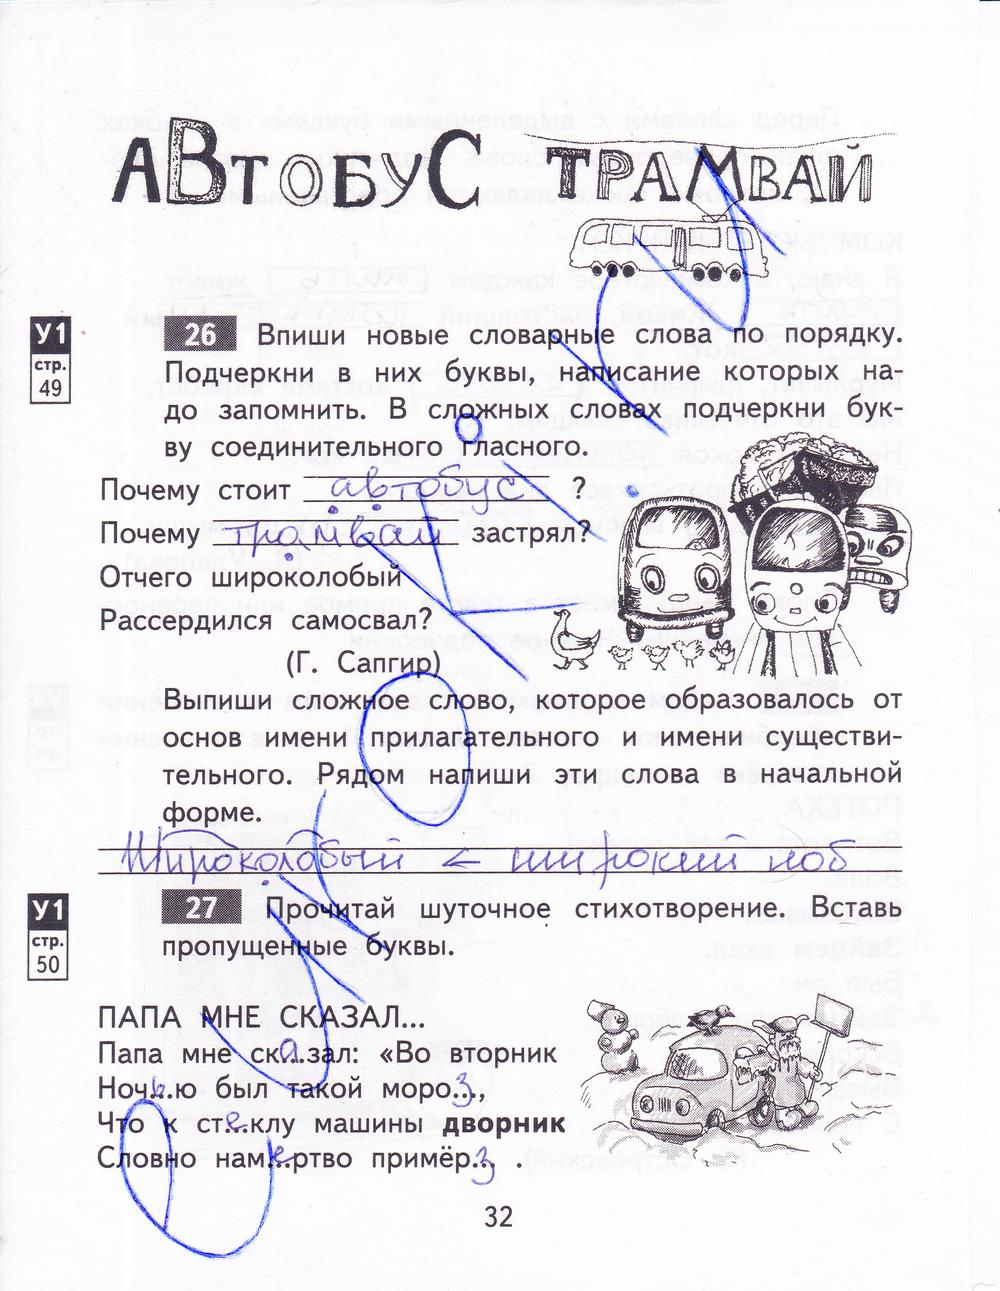 гдз по русскому языку 4 класс каленчук чуракова байкова учебник 1 часть